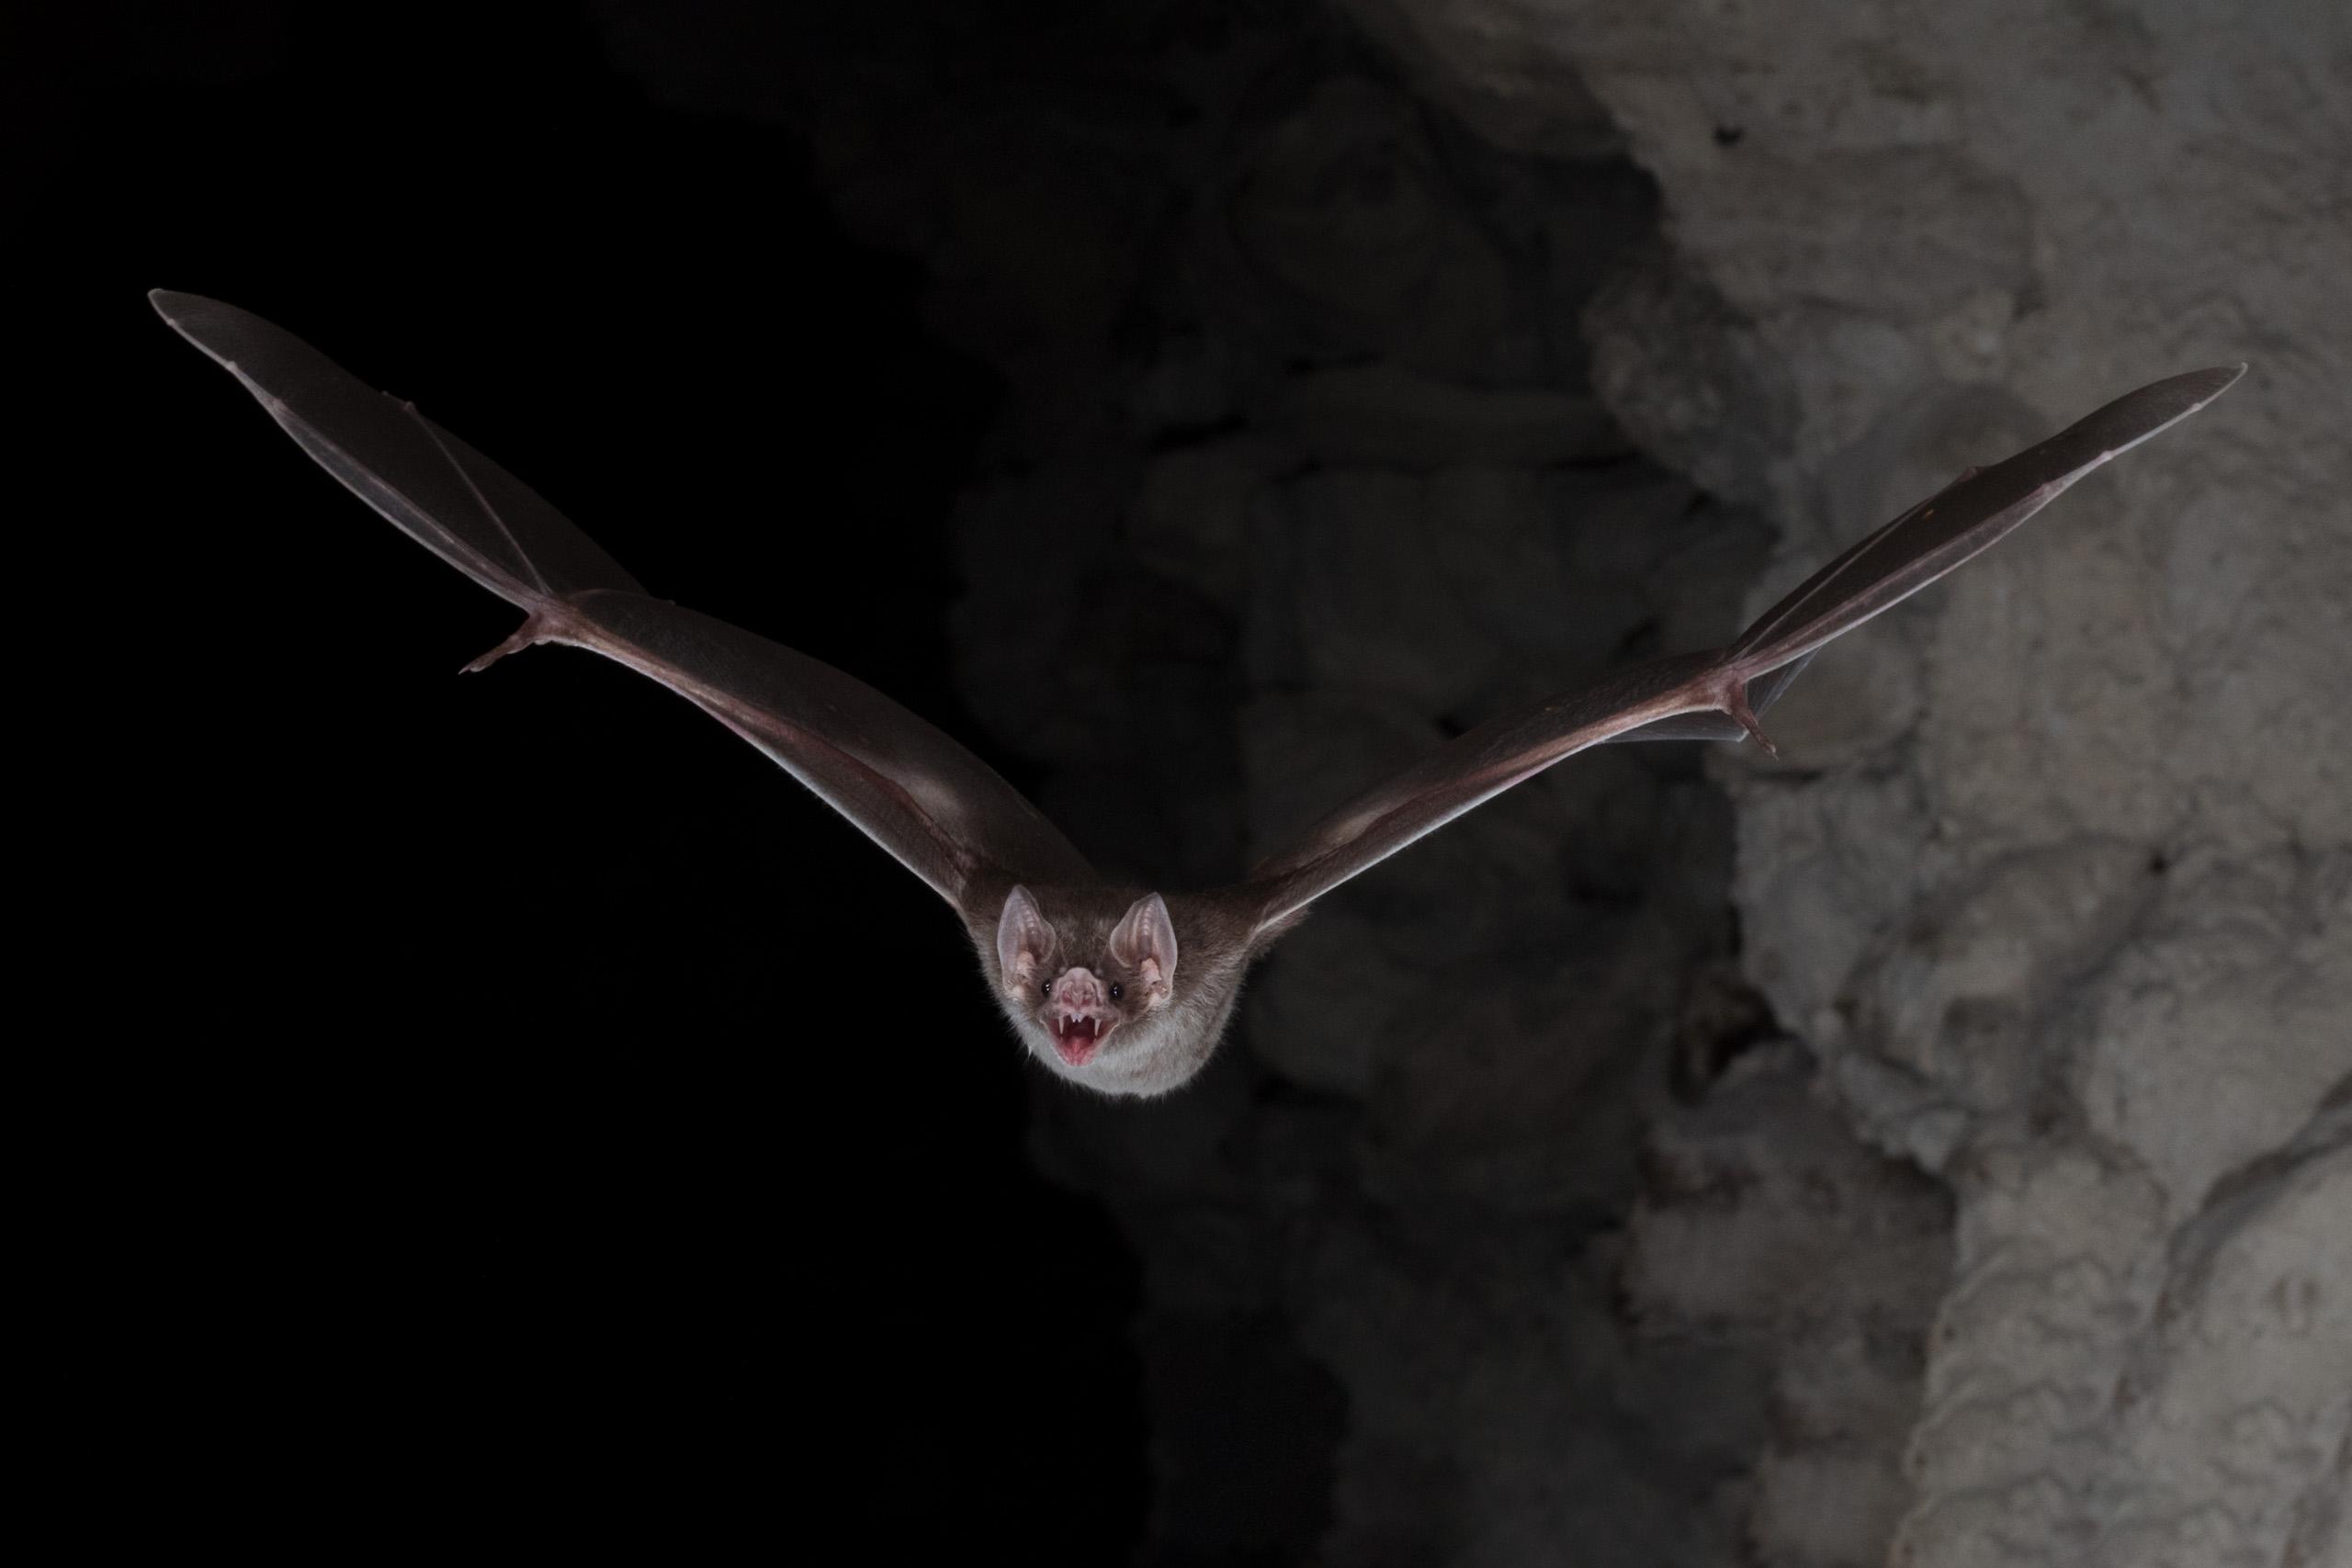 Vampire bat flying straight at camera